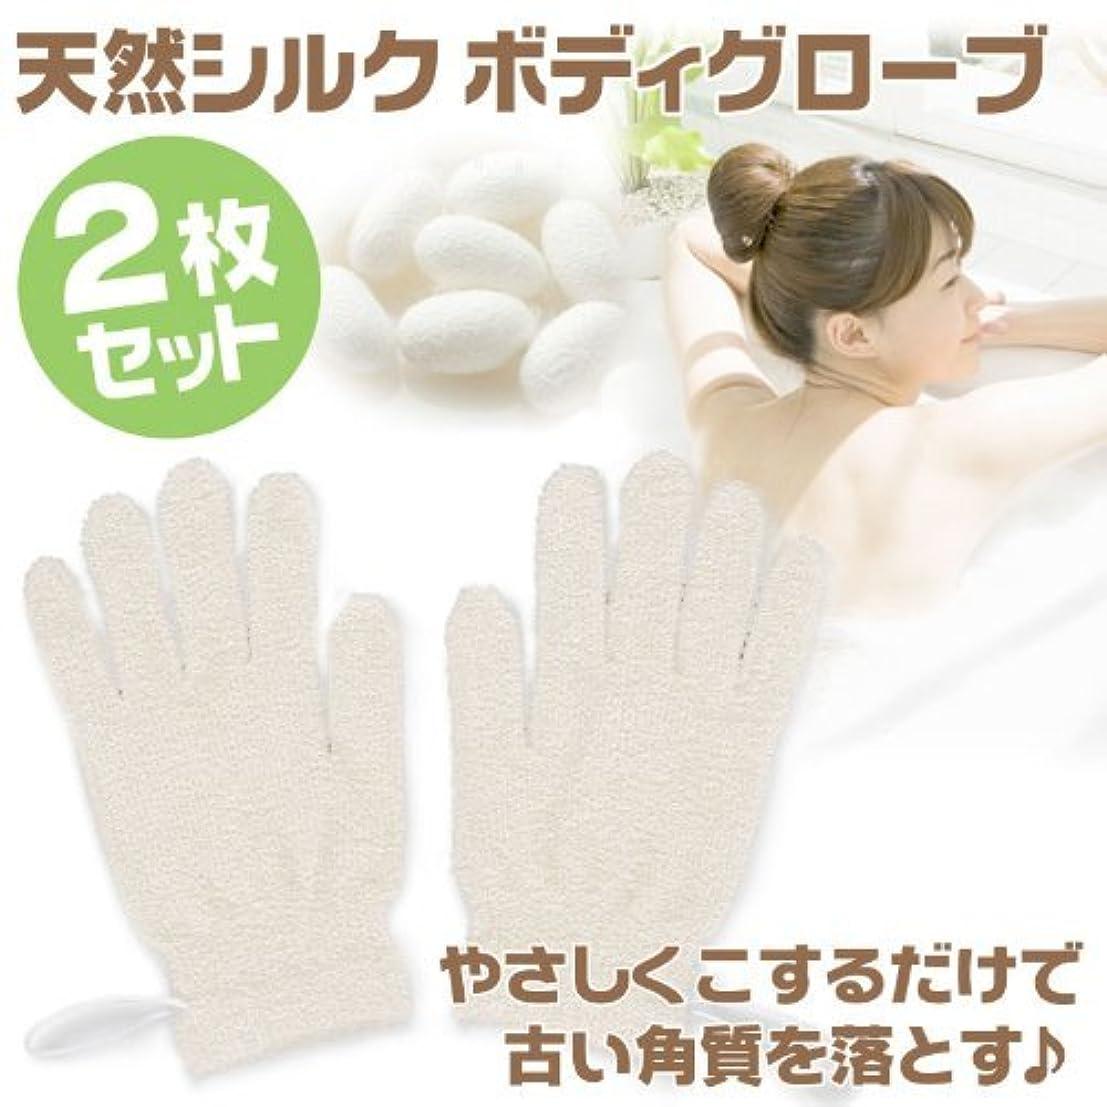 ブレーキマナー基準シルク ボディウォッシュ グローブ手袋[2枚](0731)